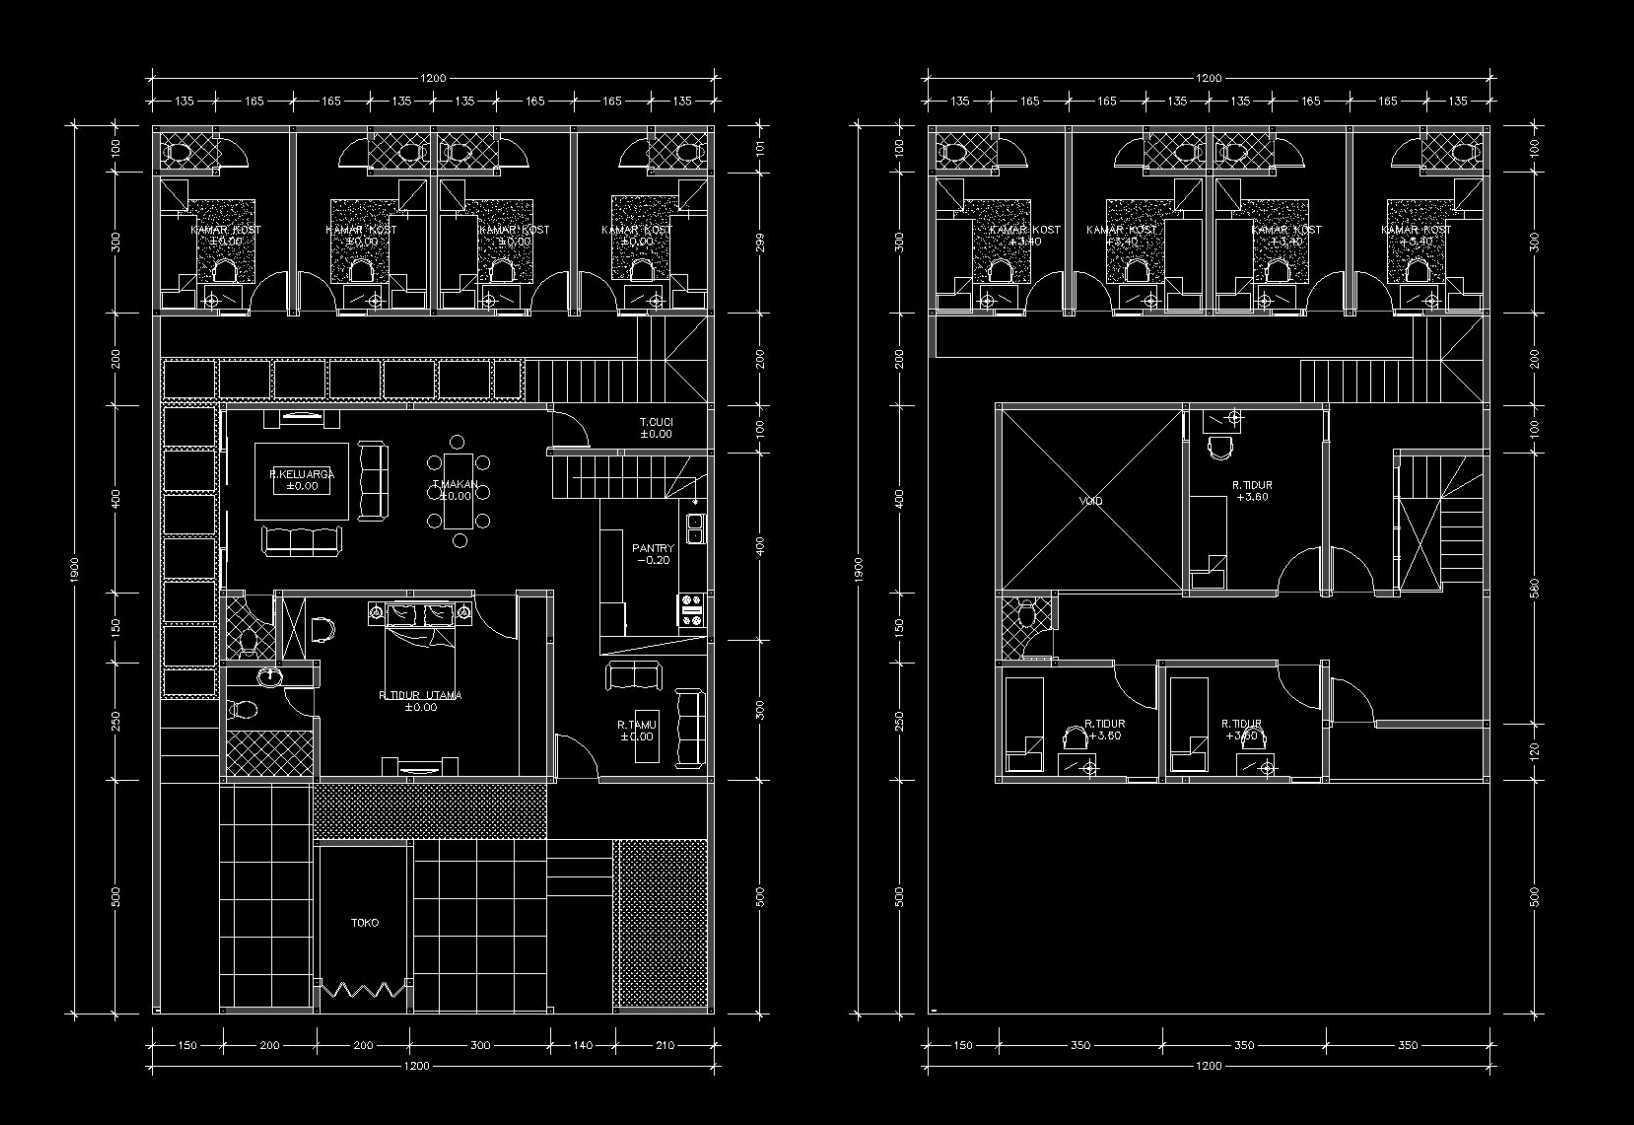 Ashari Architect Studio Desain Rumah Dan Kost Ibu Nita Makassar, Kota Makassar, Sulawesi Selatan, Indonesia Makassar, Kota Makassar, Sulawesi Selatan, Indonesia Ashari-Architect-Studio-Desain-Rumah-Dan-Kost-Ibu-Nita  94951